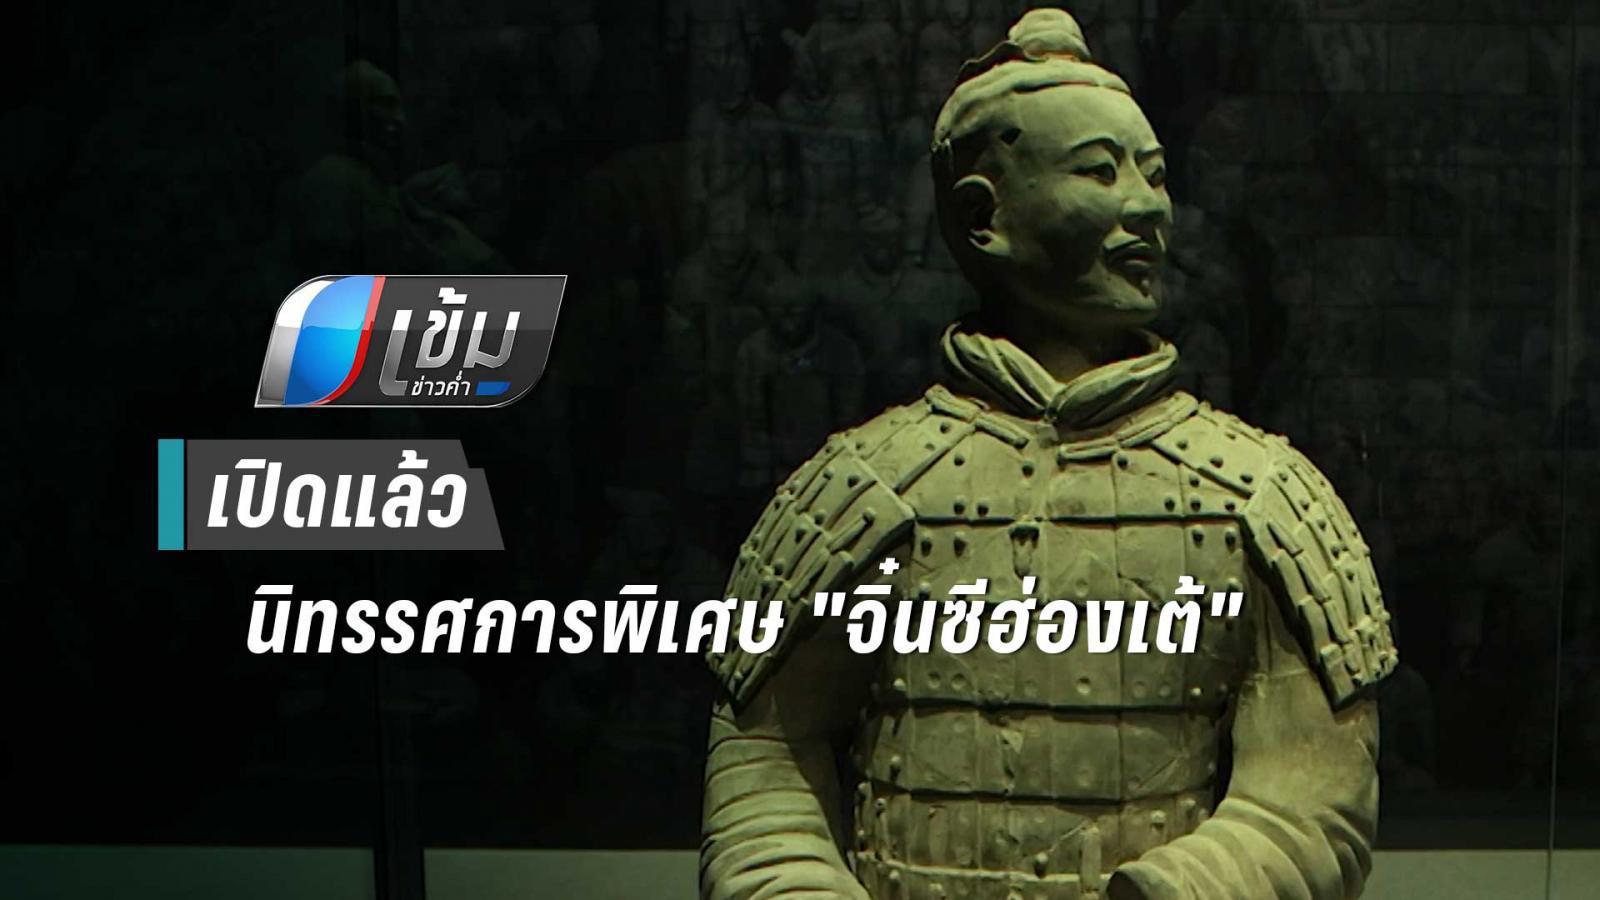 """เปิดแล้ว นิทรรศการพิเศษ """"จิ๋นซีฮ่องเต้"""" ครั้งแรกในประเทศไทย"""